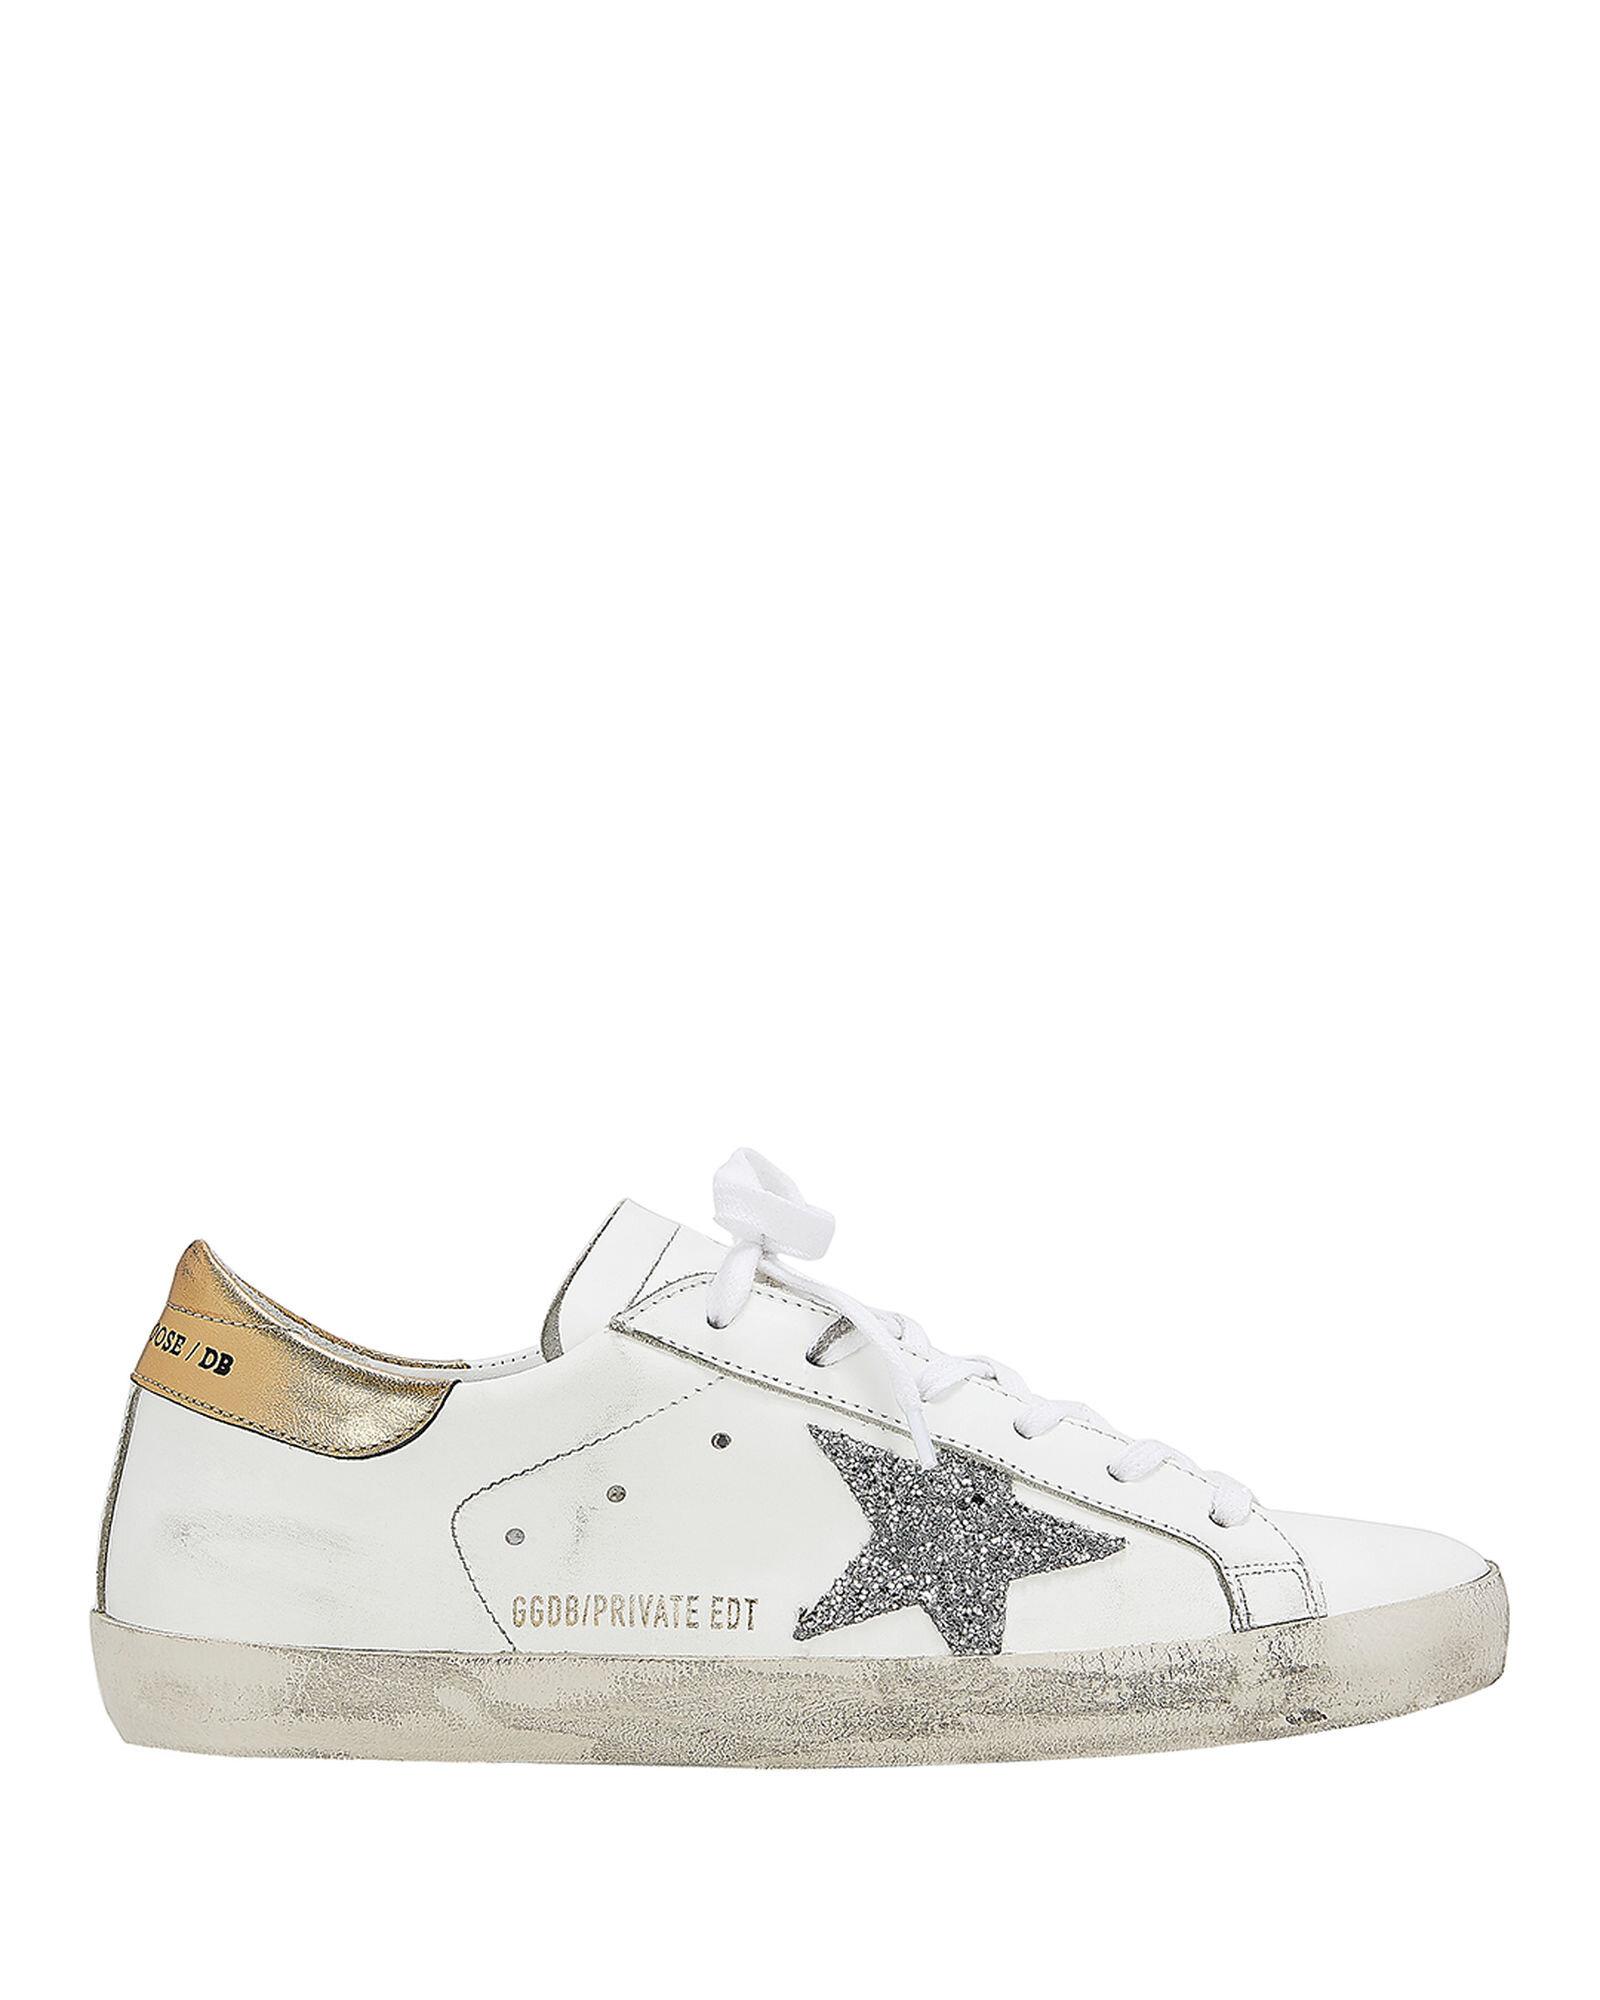 Golden goose sneakers -